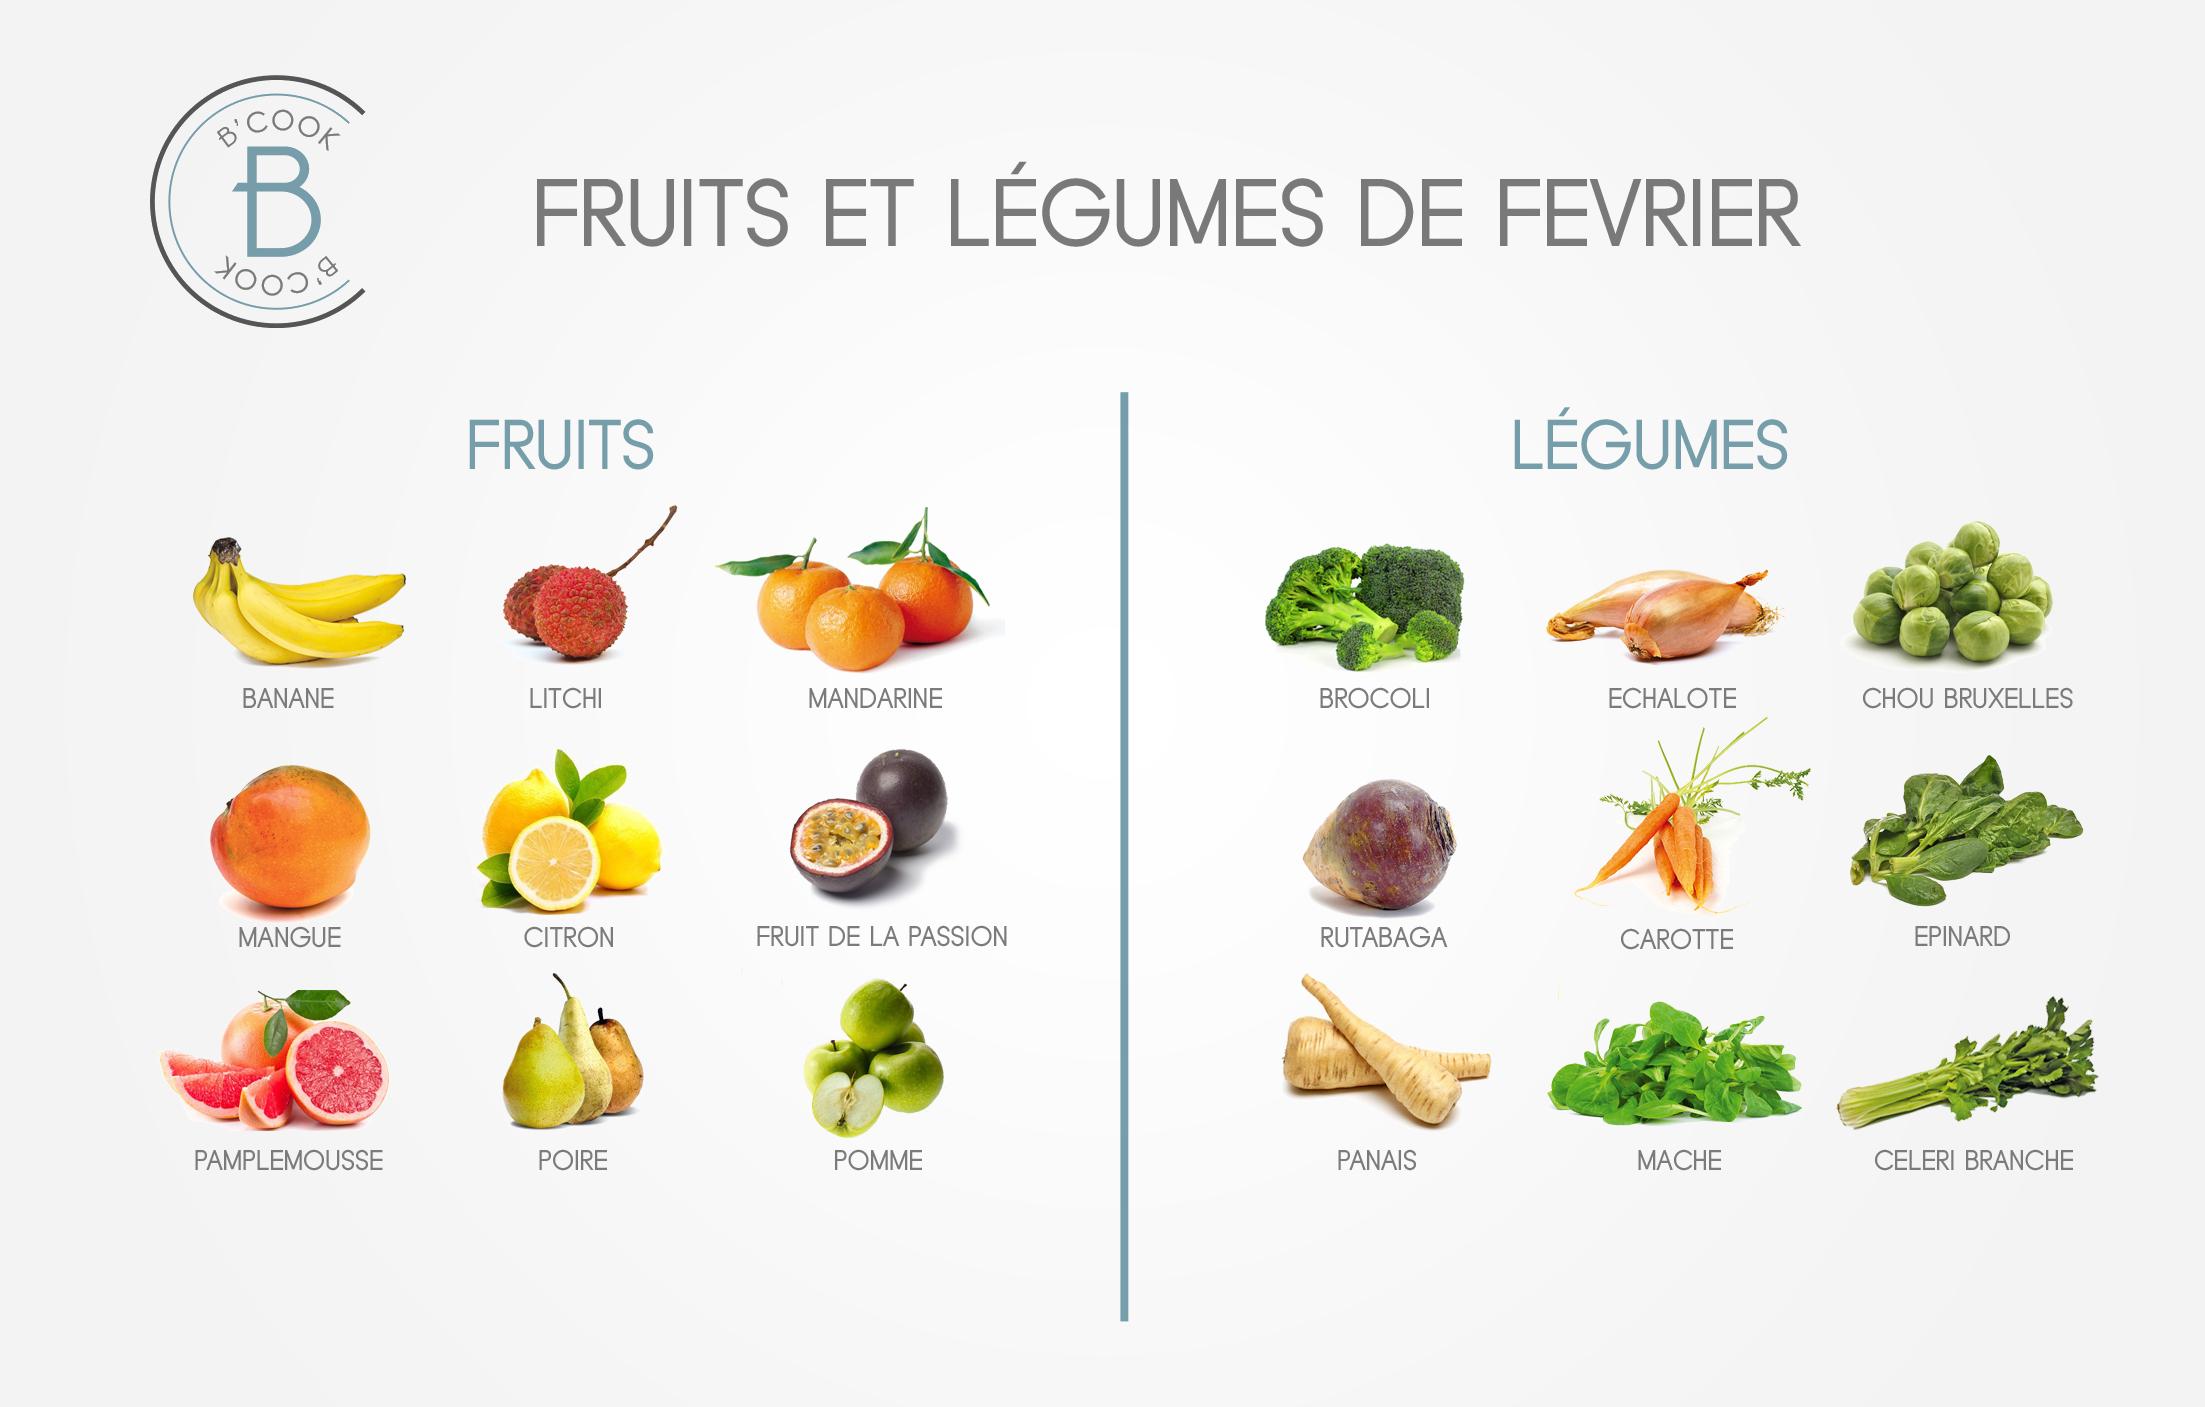 Les fruits et l gumes du mois de f vrier b 39 cook - Fruit de saison juin ...